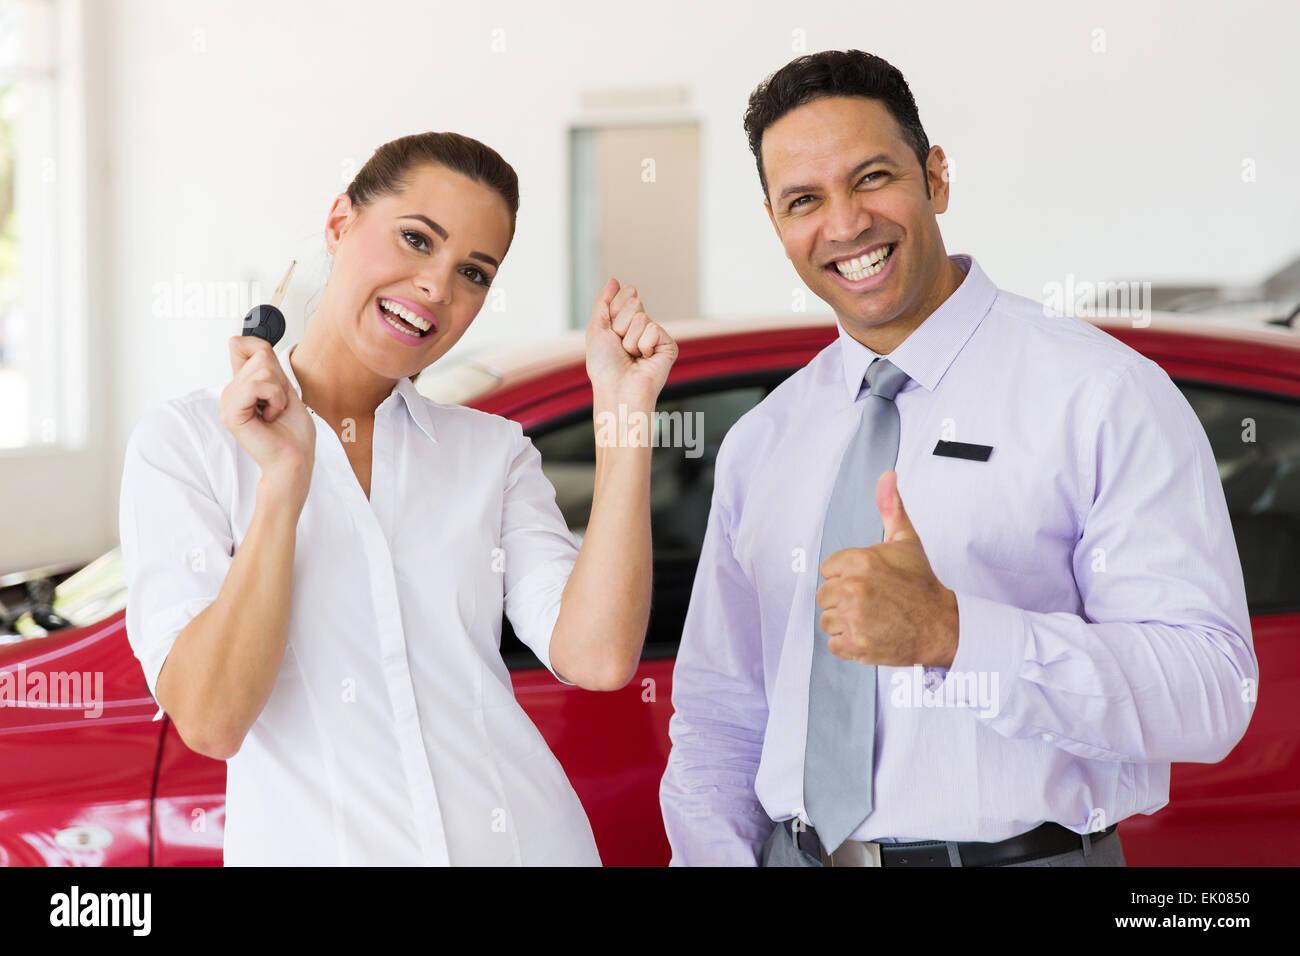 Excited donna ha appena acquistato una nuova vettura dalla concessionaria Immagini Stock